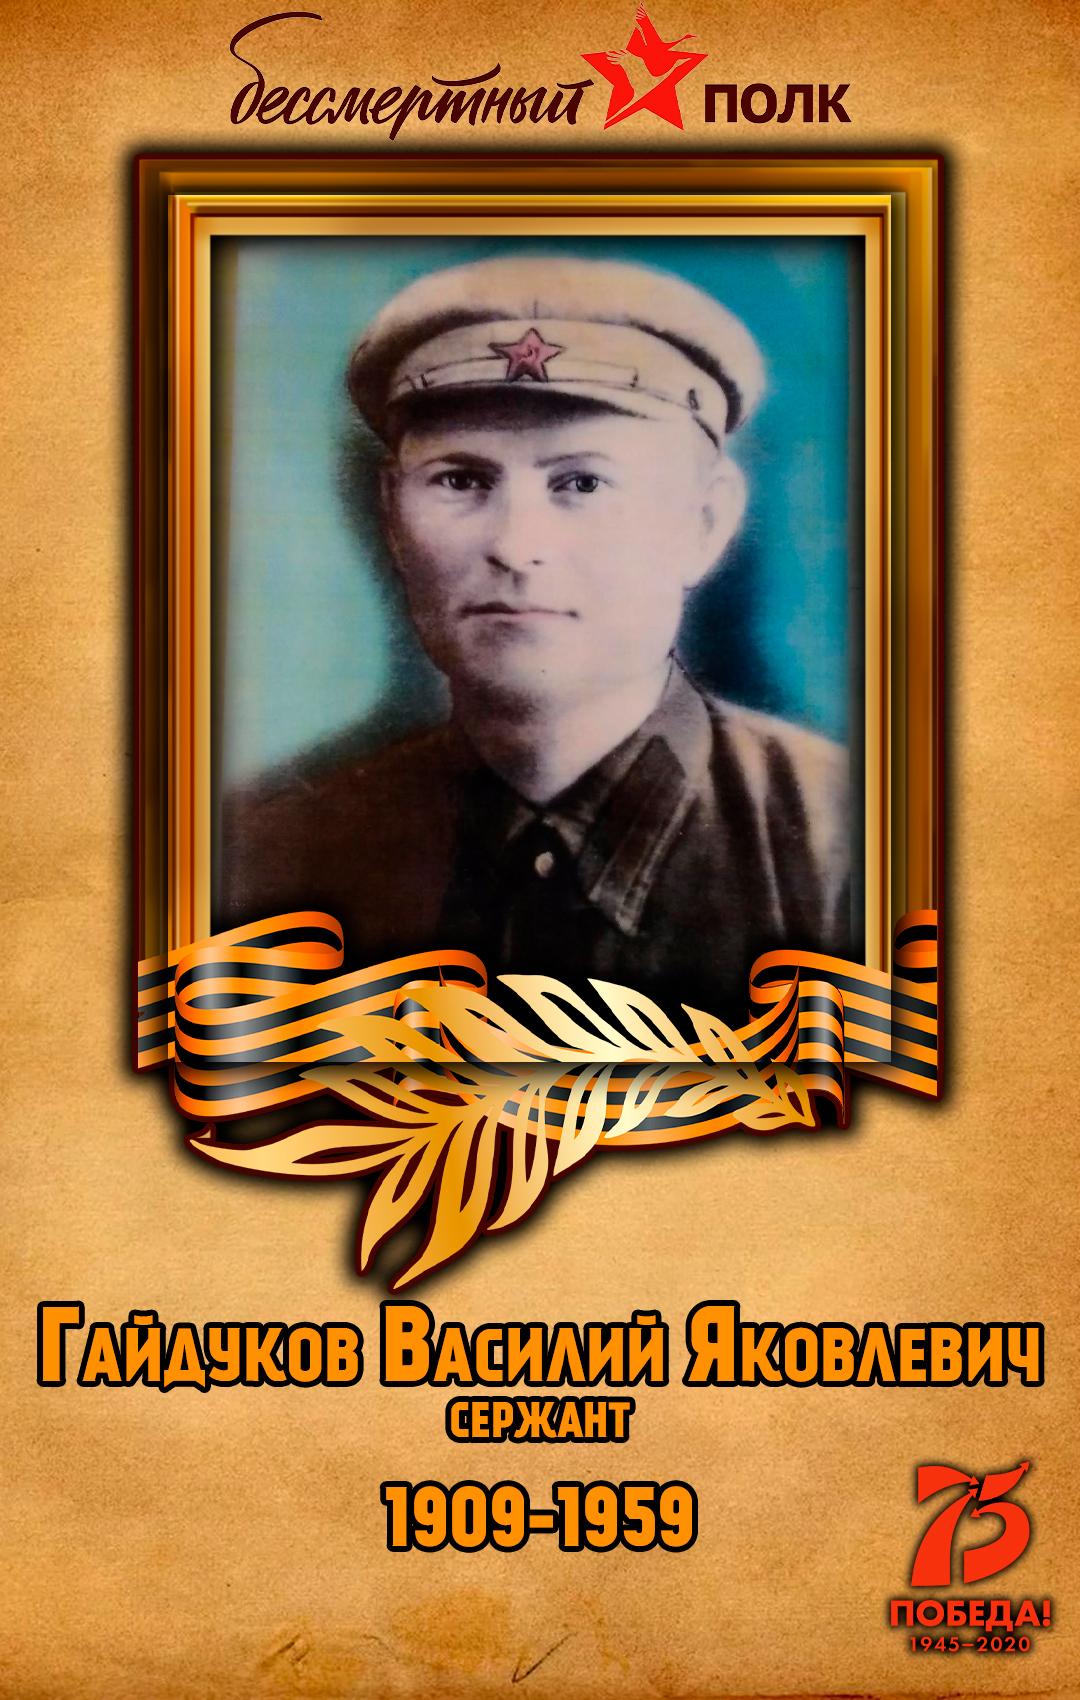 Гайдуков-Василий-Яковлевич